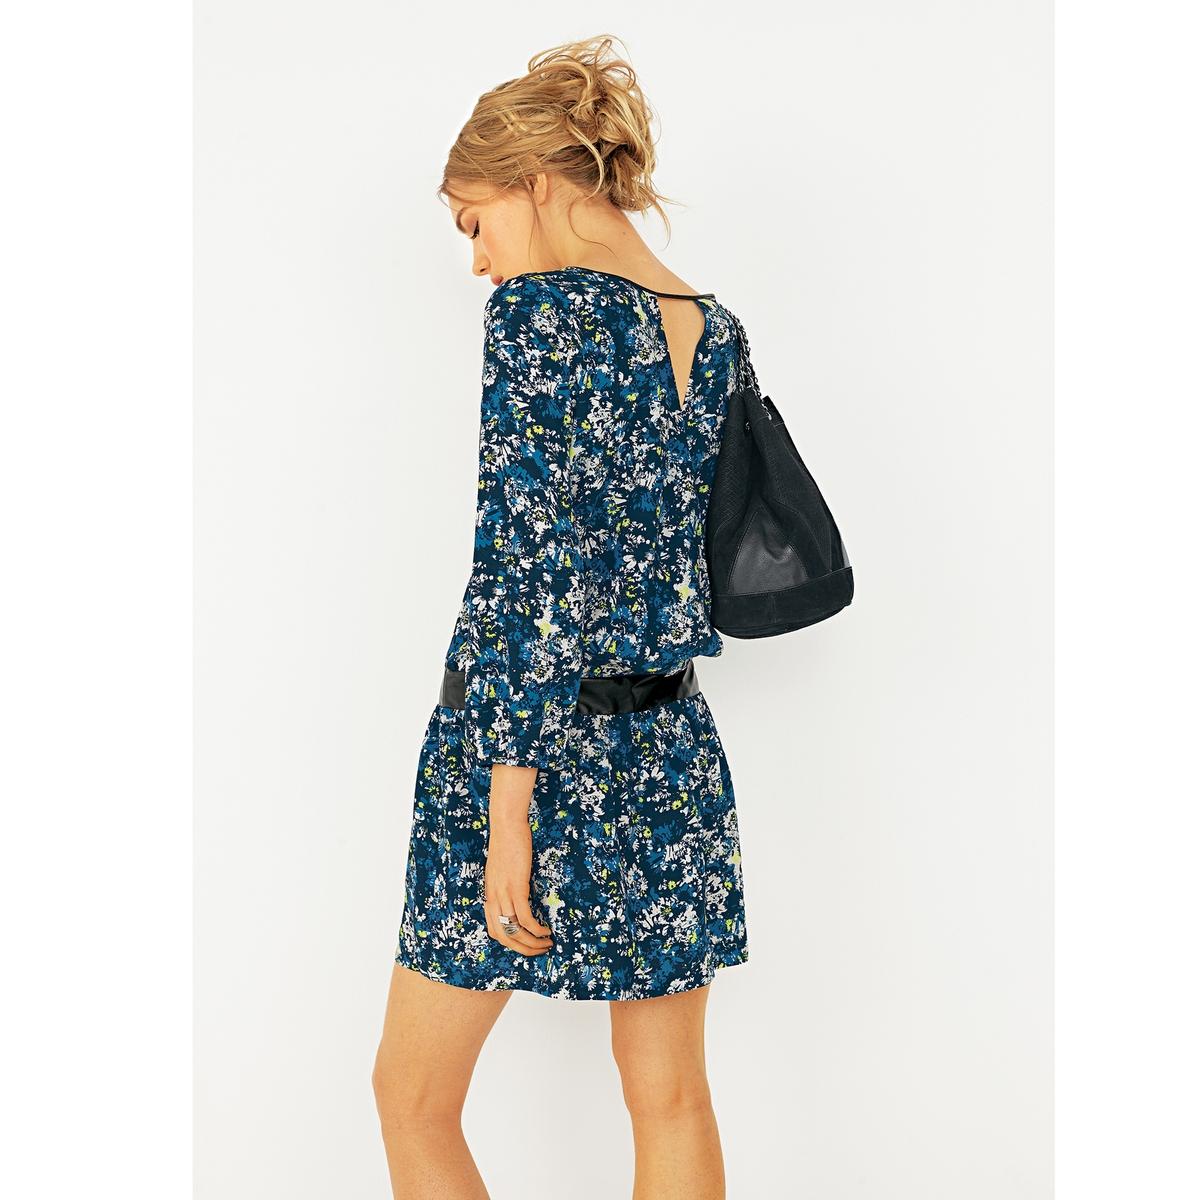 Платье прямое с цветочным рисункомПлатье прямое из 100% вискозы. Длинные рукава. Пояс на талии из искусственной кожи. Шлица сзади. Вырез отделан искусственной кожей. Длина: 92 см.<br><br>Цвет: набивной рисунок<br>Размер: 48 (FR) - 54 (RUS)